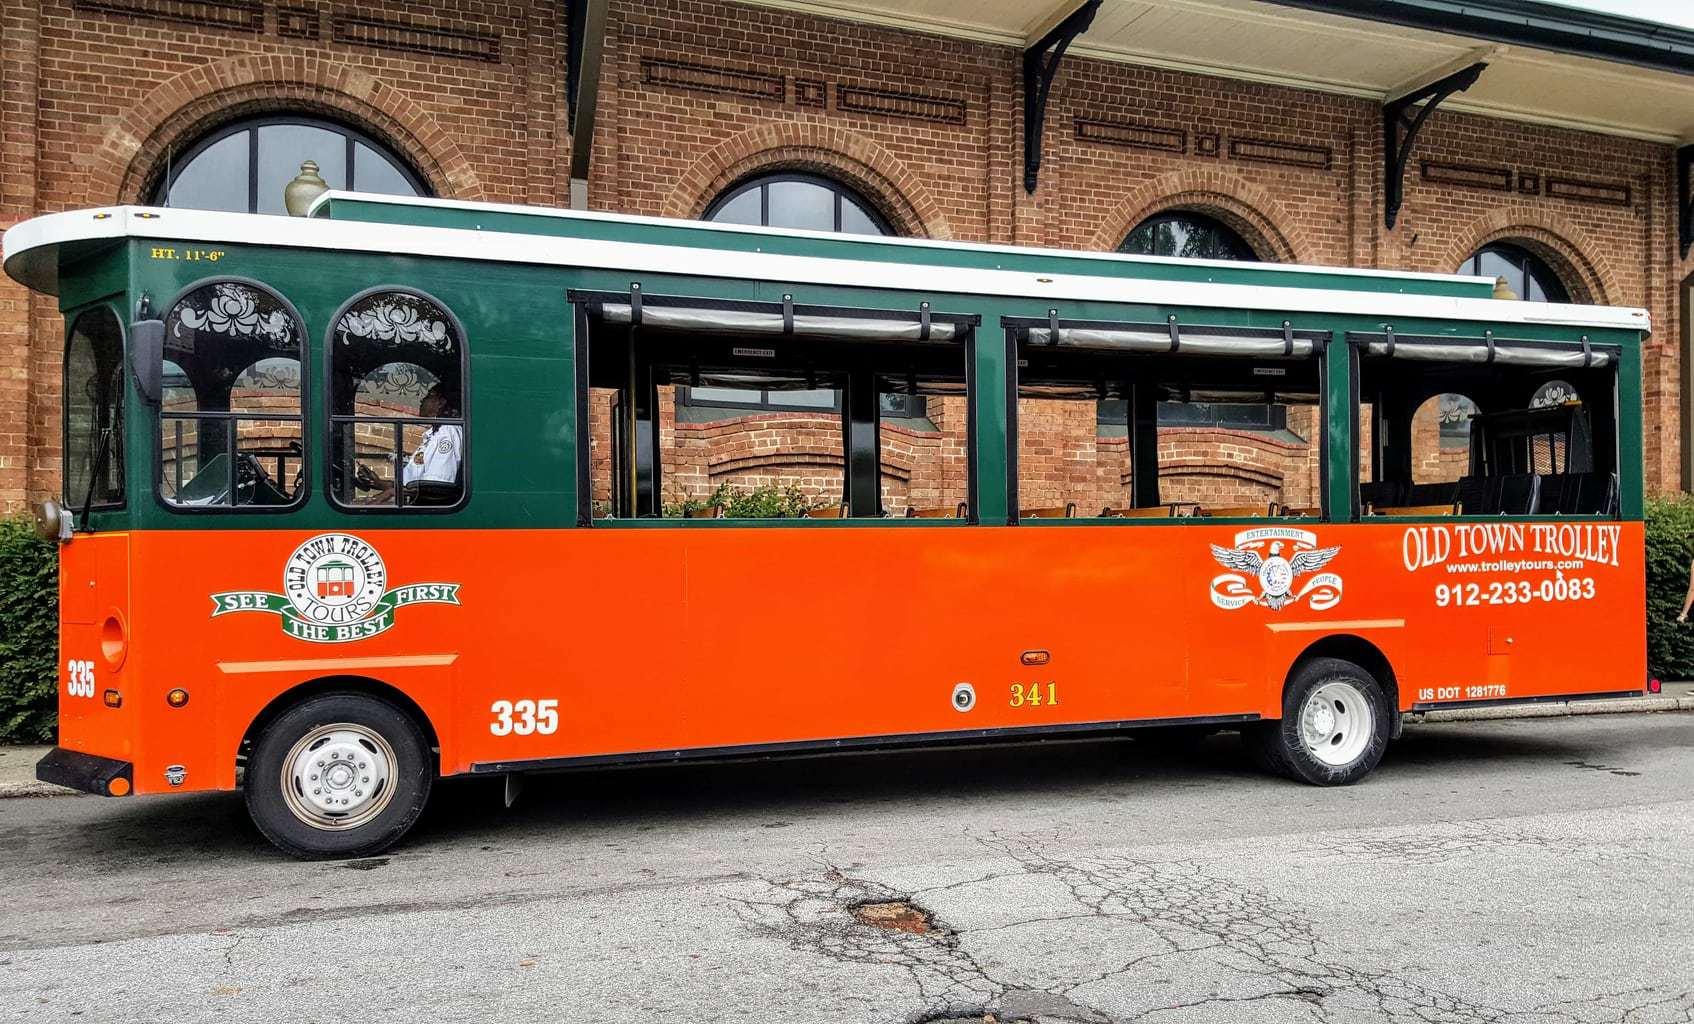 Old Town Trolley Savannah, Old Town Trolley, Things To Do in Savannah, Savannah Getaway